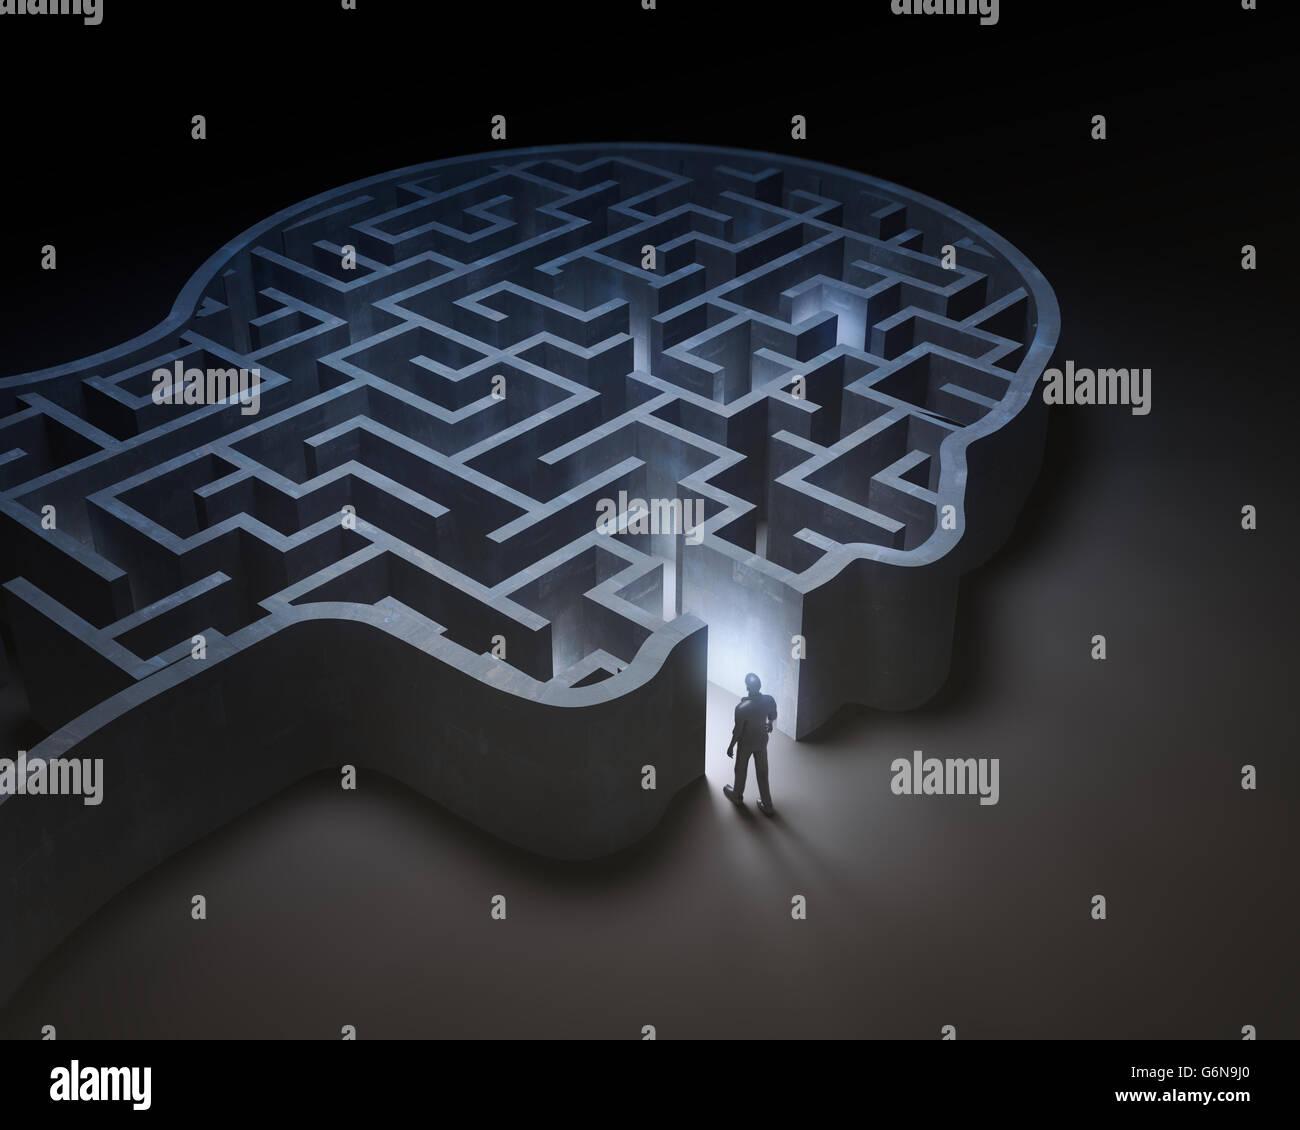 Uomo di entrare in un labirinto all'interno di una testa - 3D illustrazione Immagini Stock